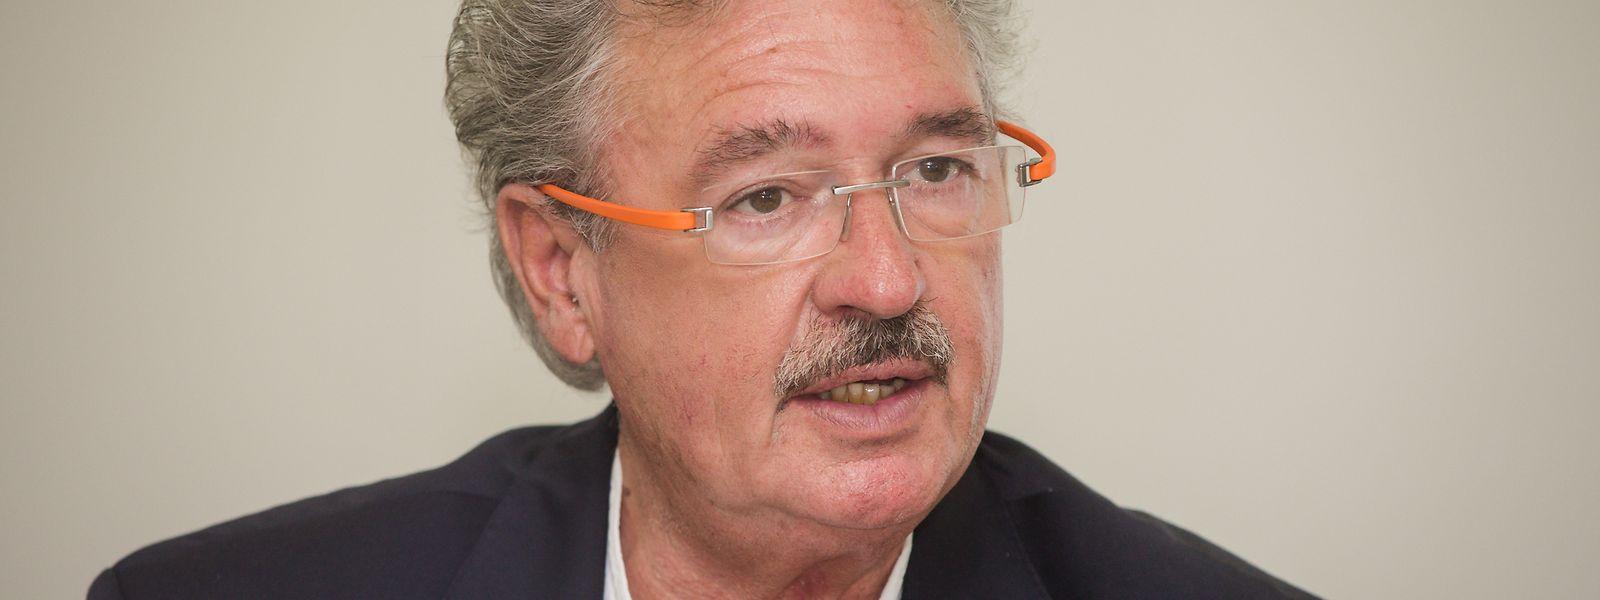 Jean Asselborn äußerte sich am Freitag in Brüssel zu dem Flugzeugabsturz im Iran.